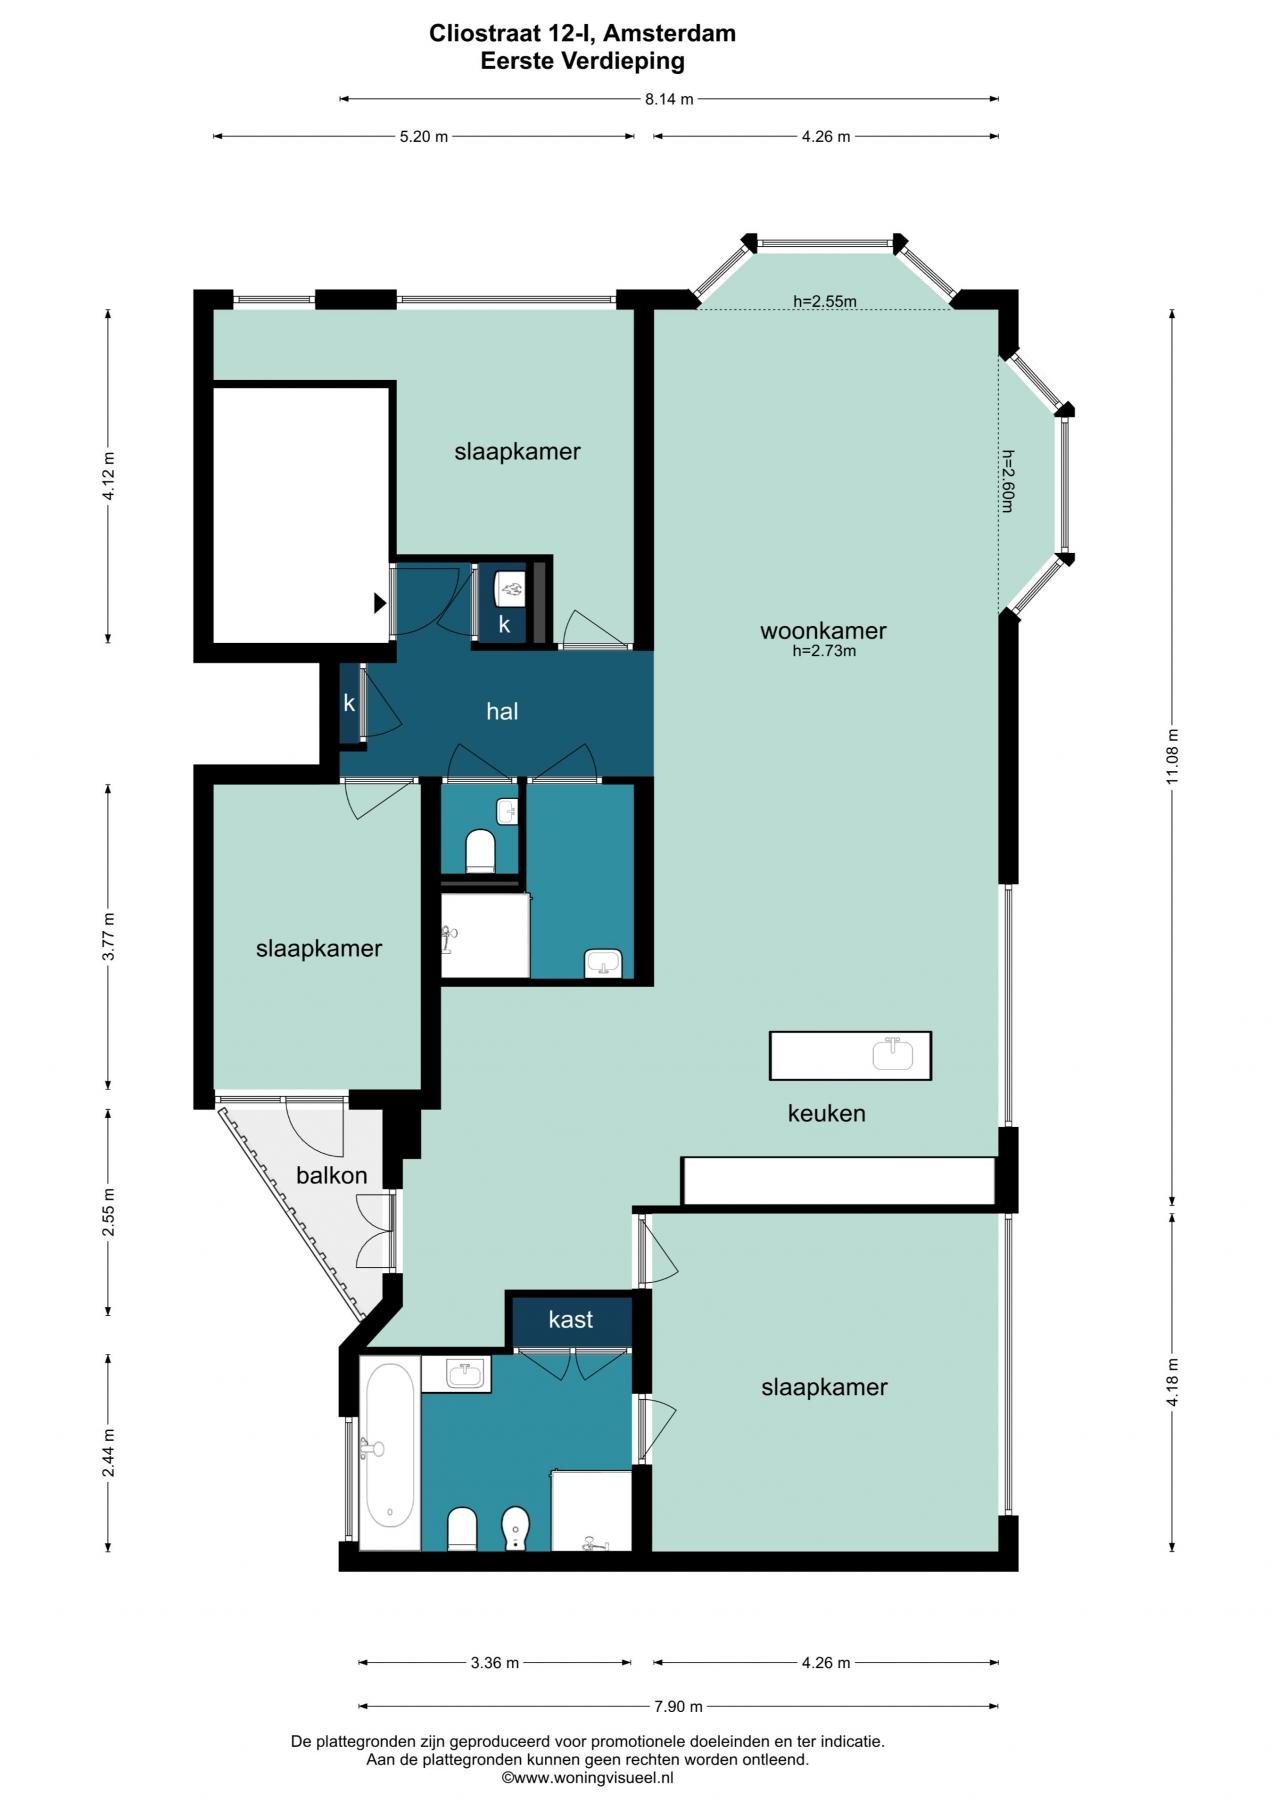 Plattegrond tweede verdieping (derde verdieping is identiek)